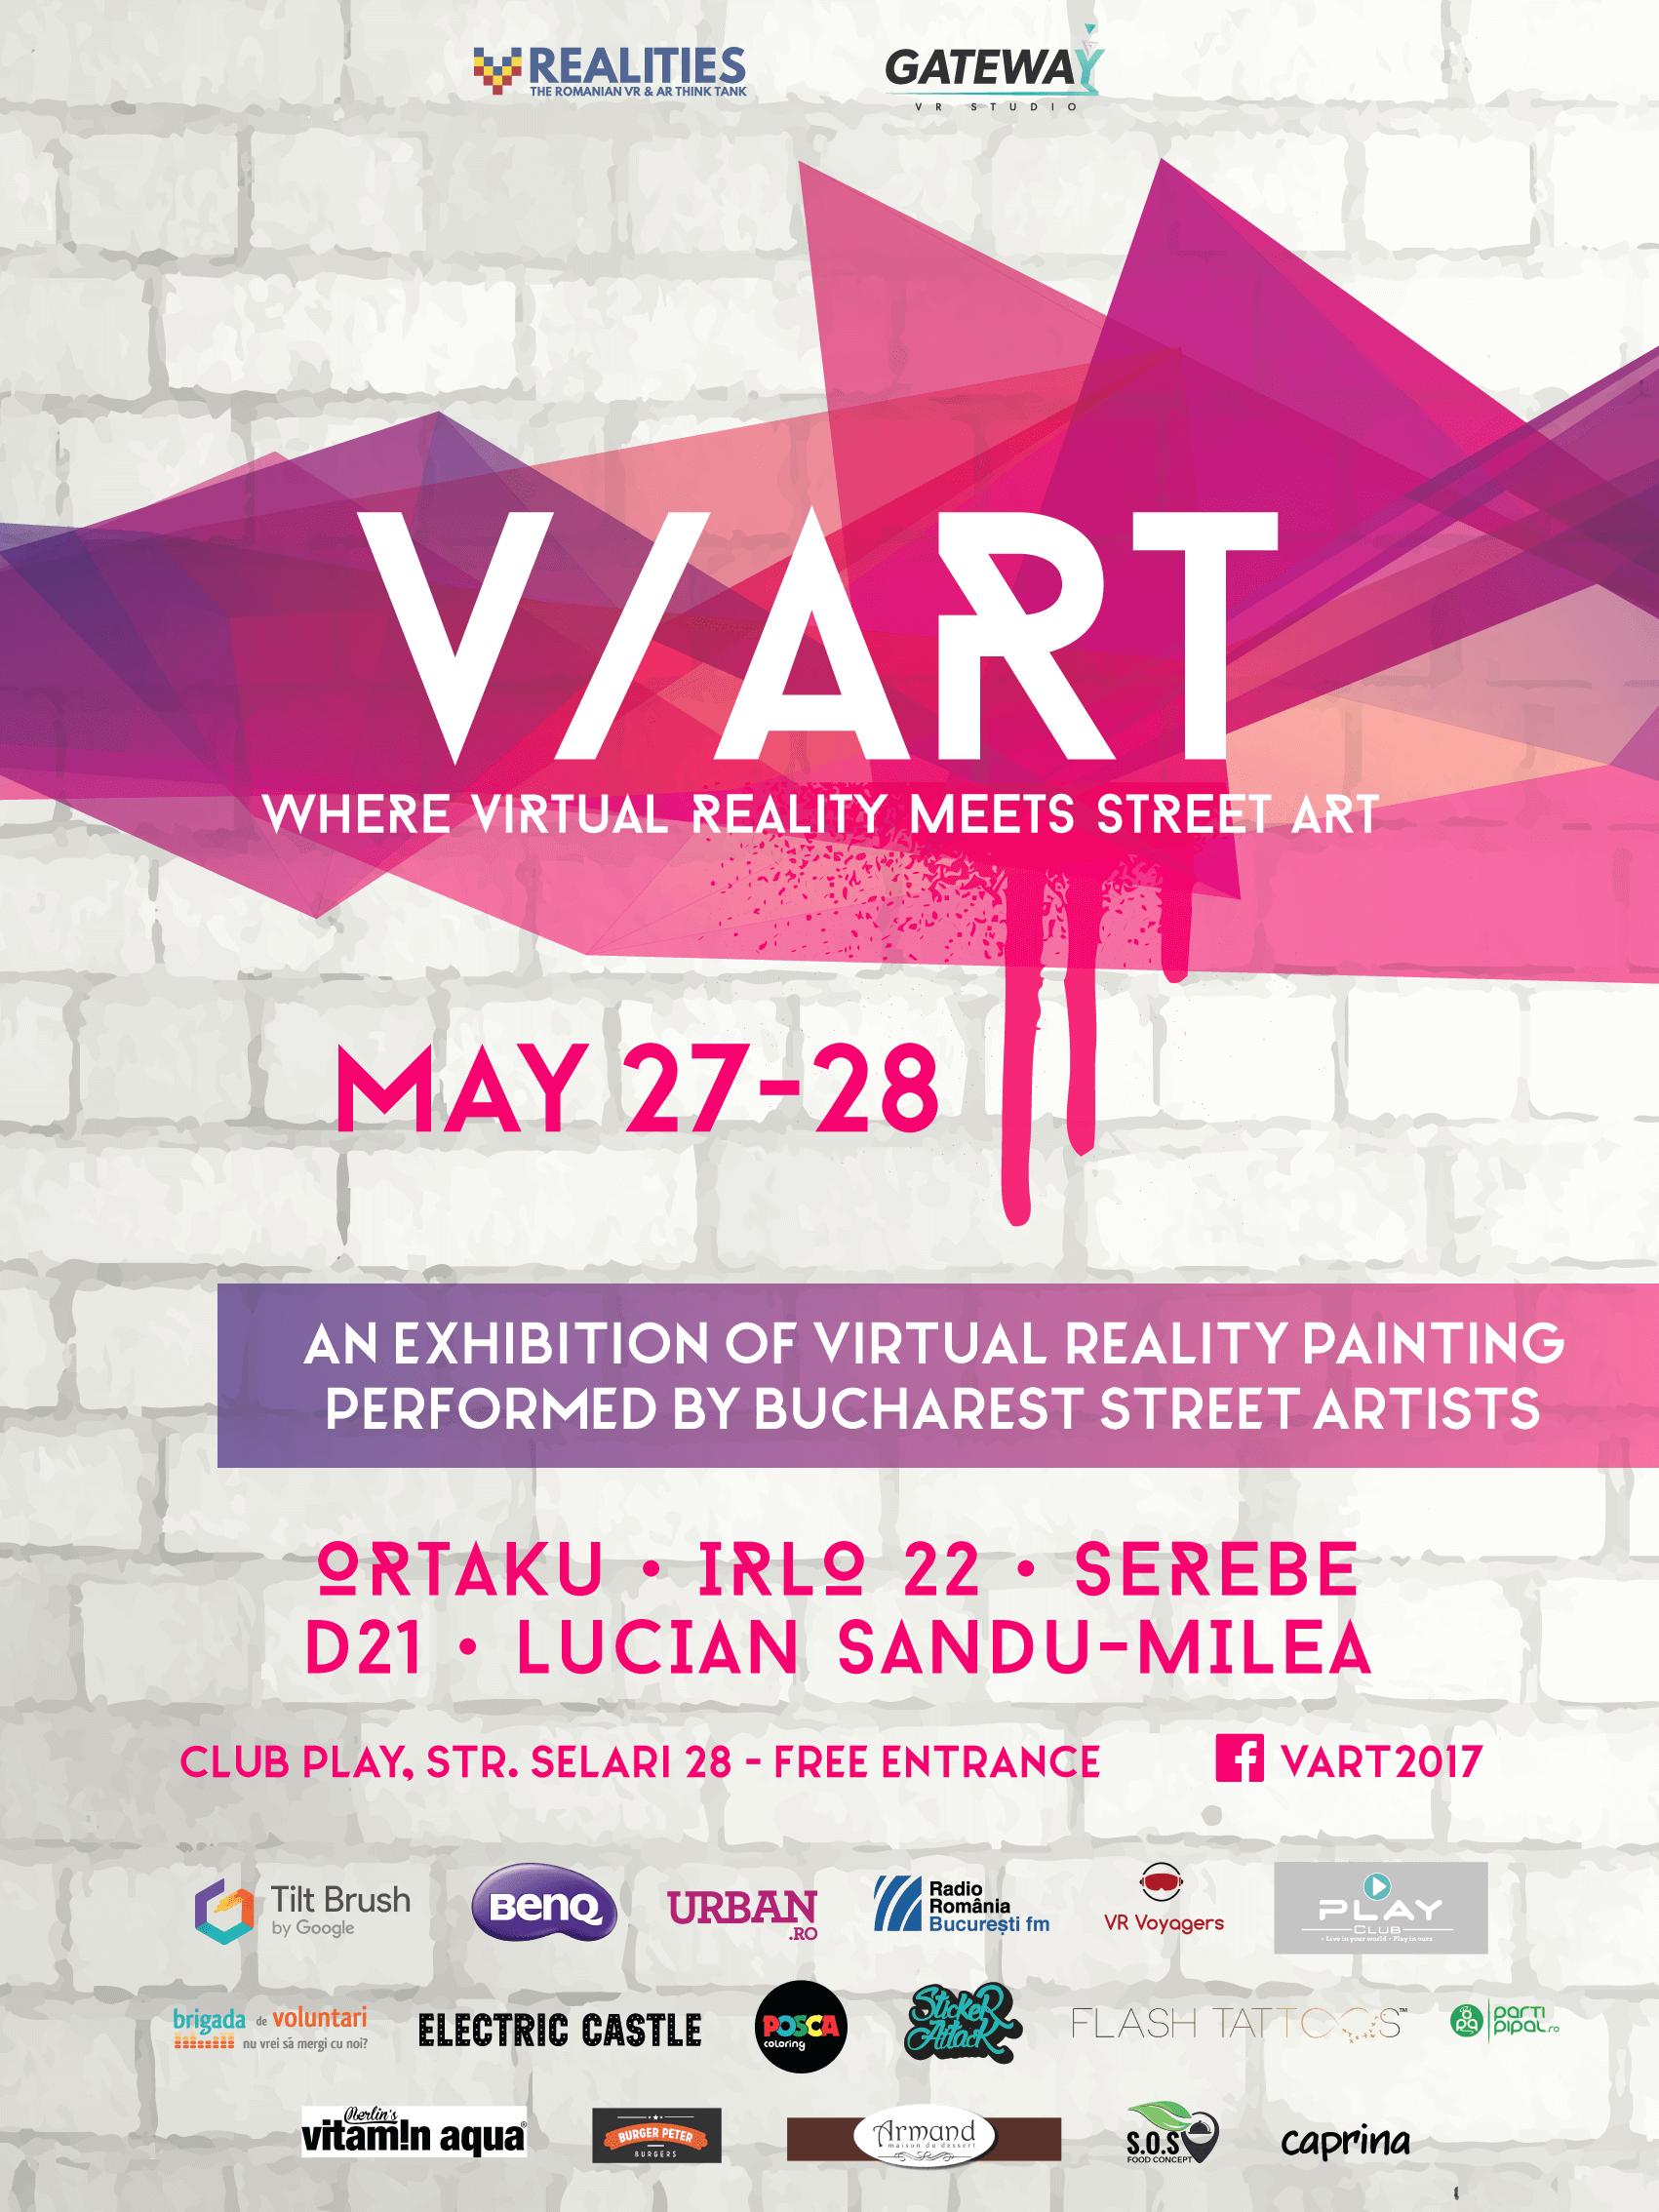 V/ART 2017